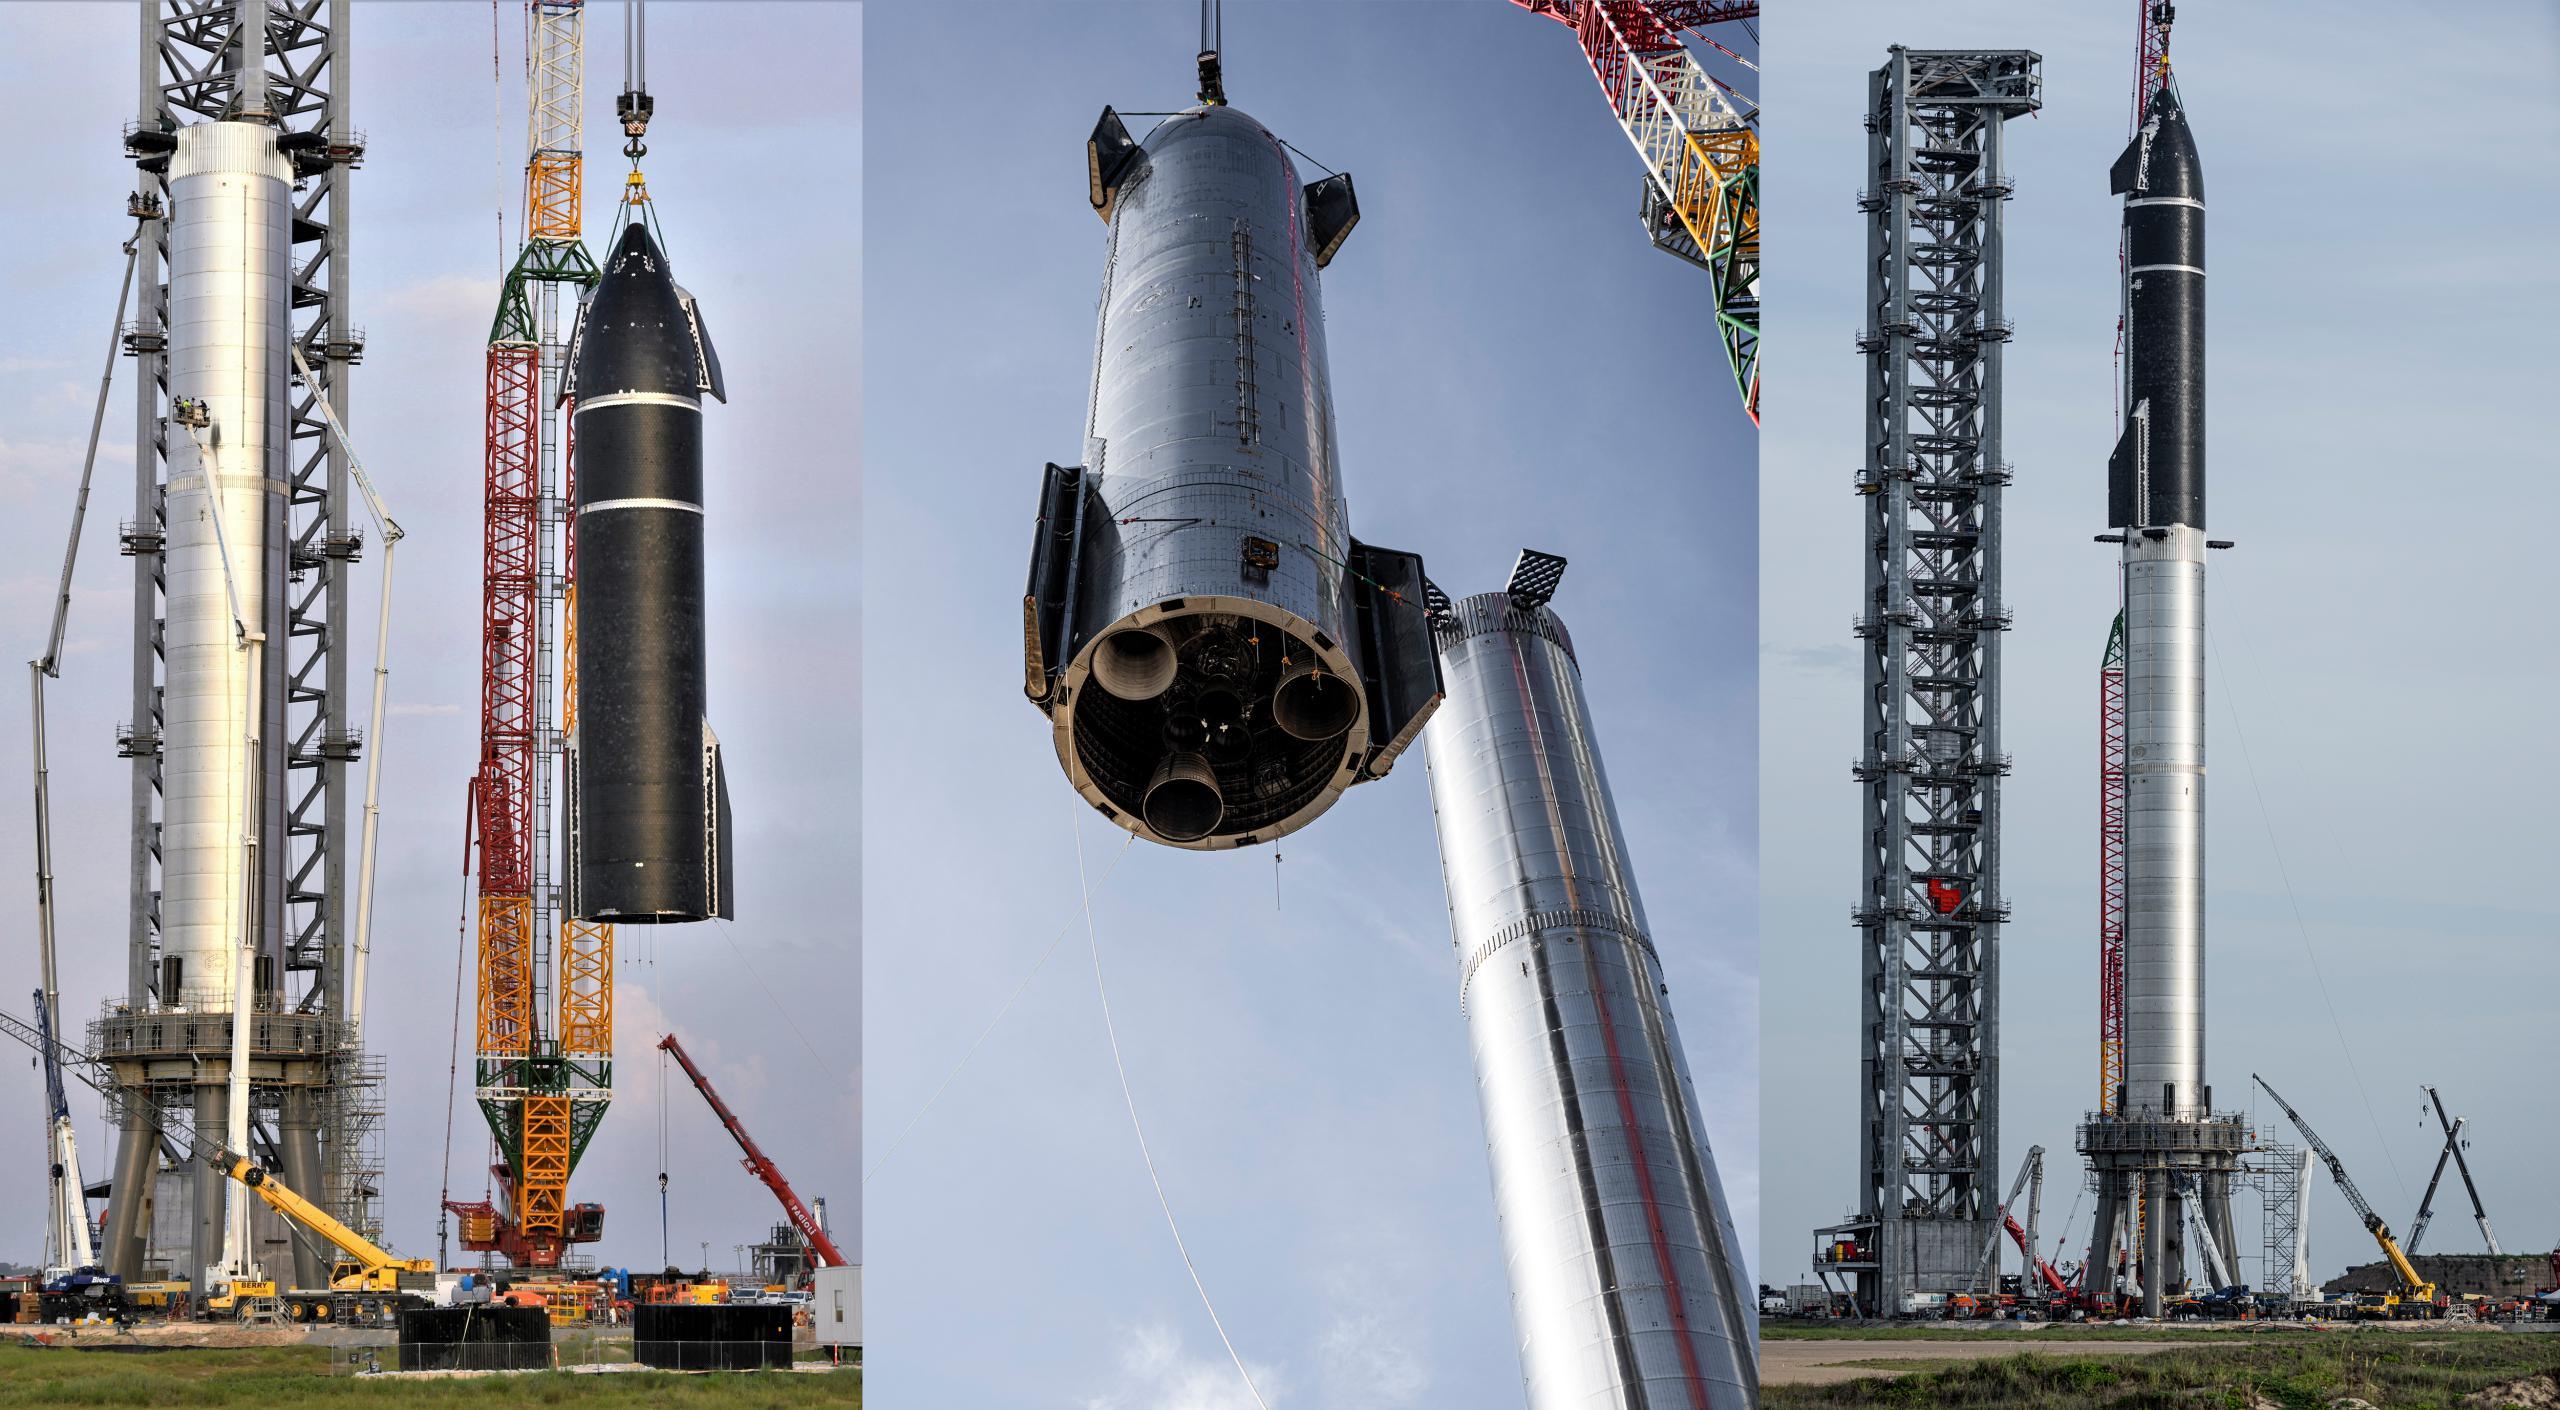 Starship Boca Chica 080621 (NASASpaceflight – bocachicagal + SpaceX) S20 B4 mate 1 (c)